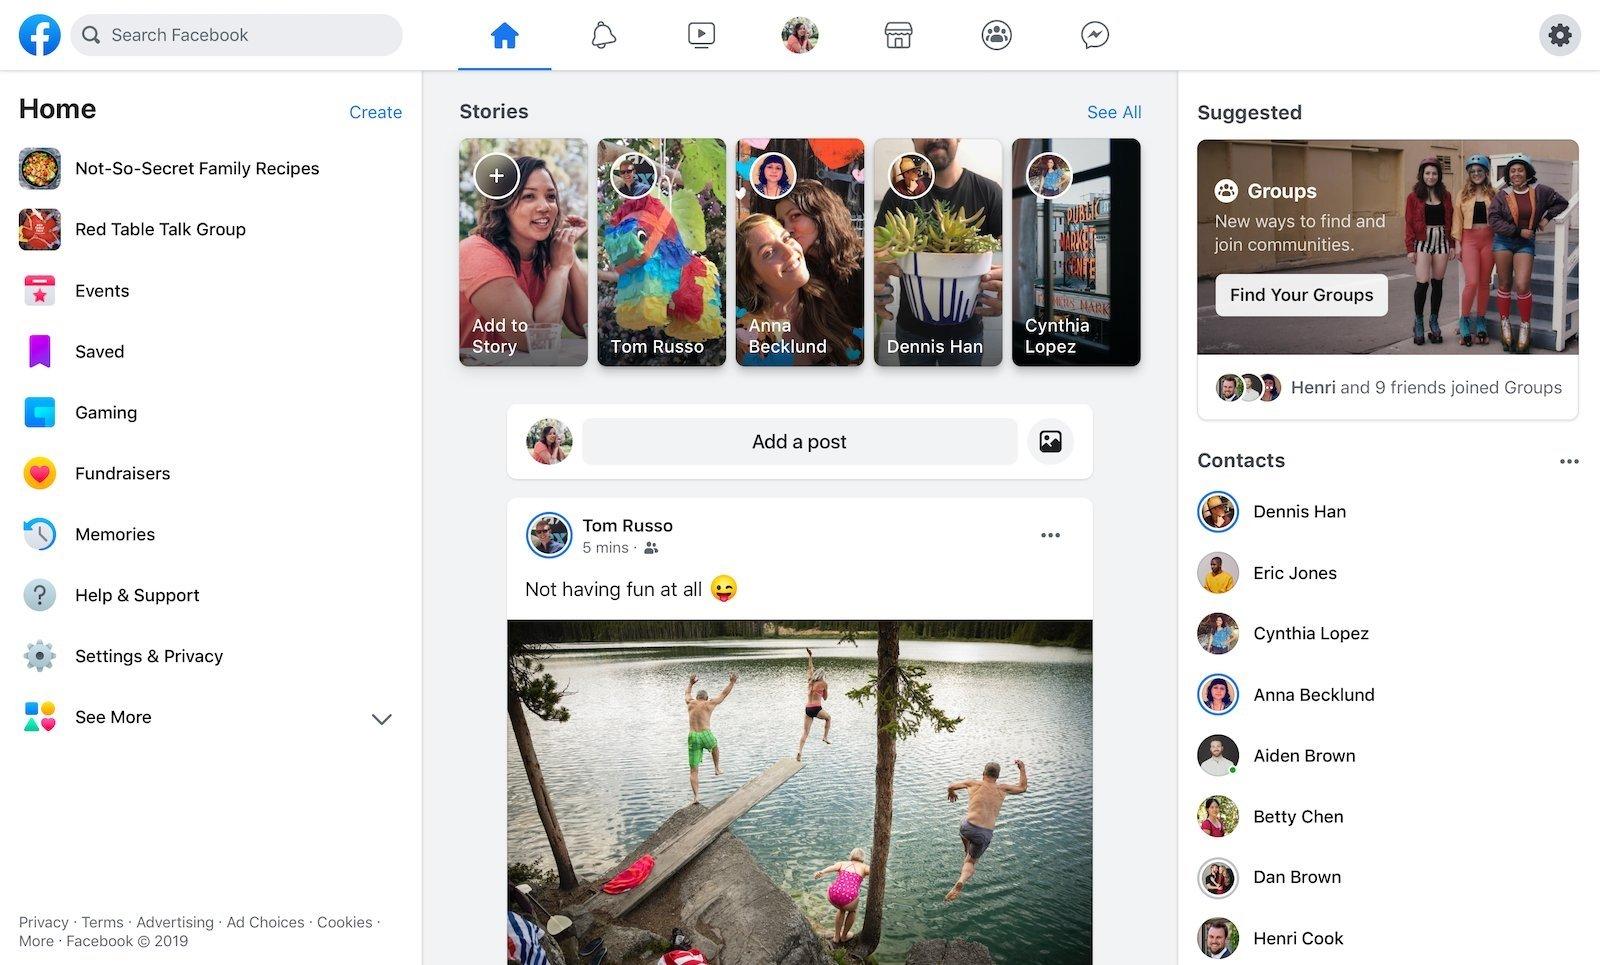 Facebook nova interface